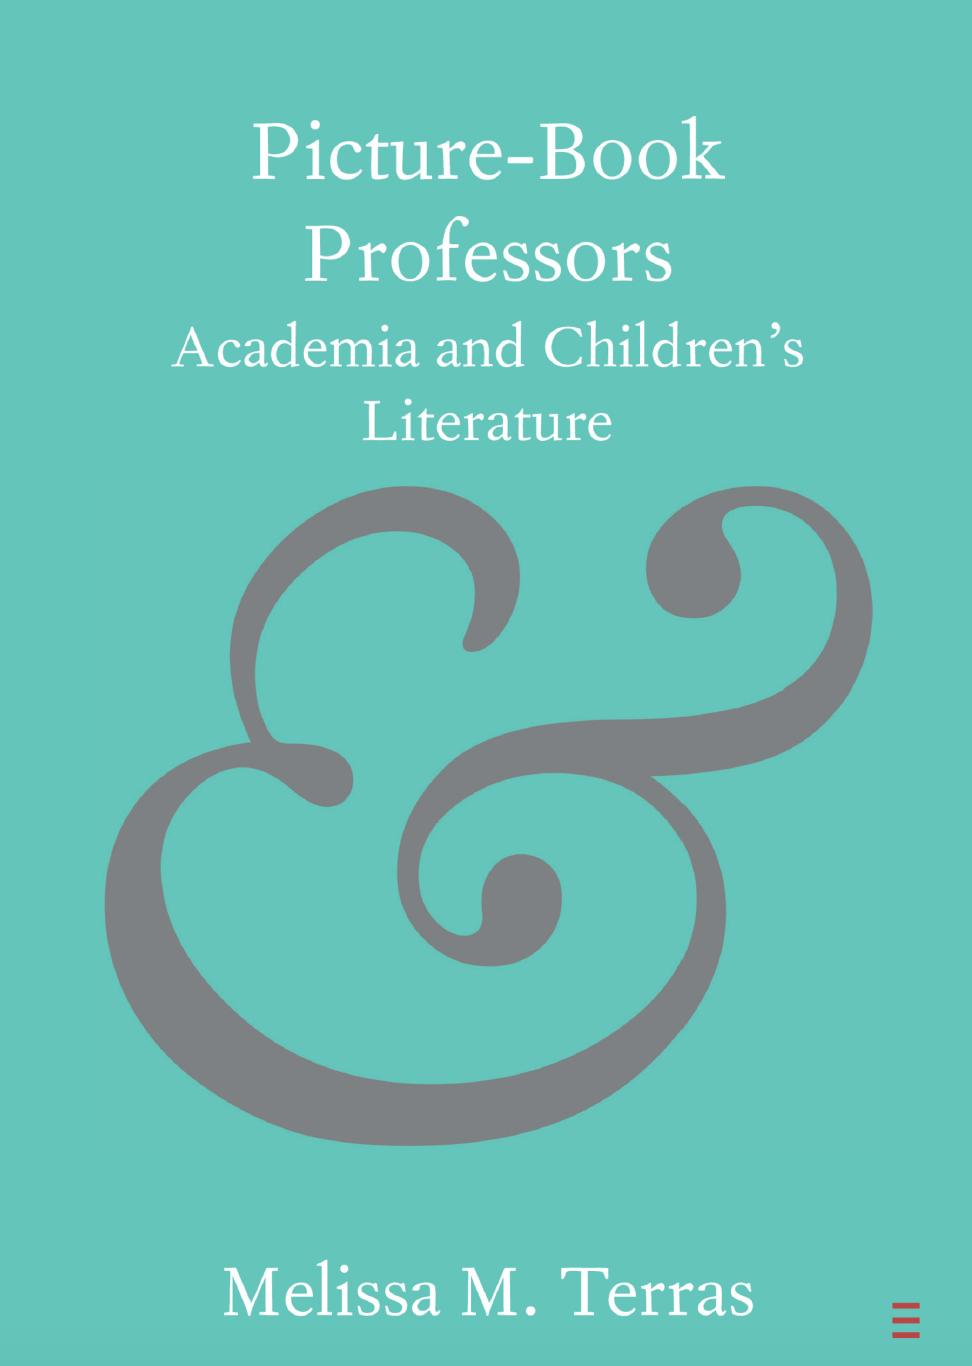 Picture-Book Professors, book cover